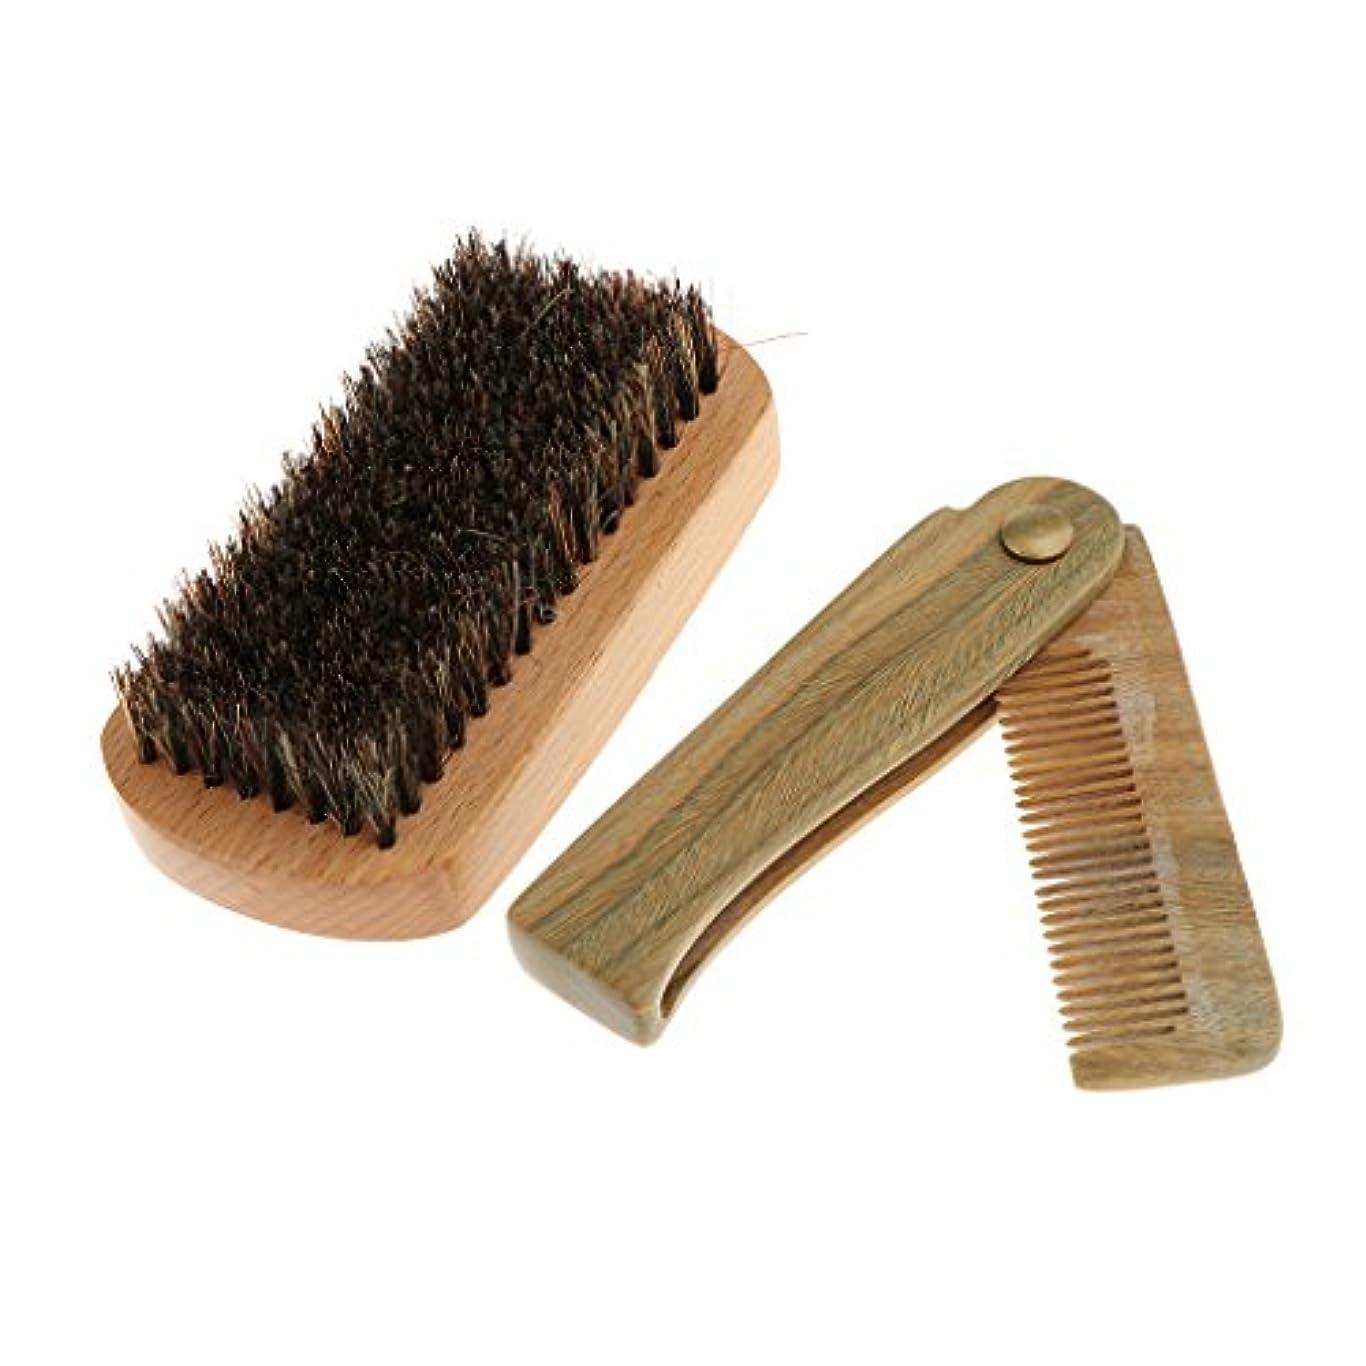 かもしれない尽きるコークスCUTICATE 木製折りたたみひげ口ひげ櫛&剛毛ヘアブラシセット男性グルーミングキット